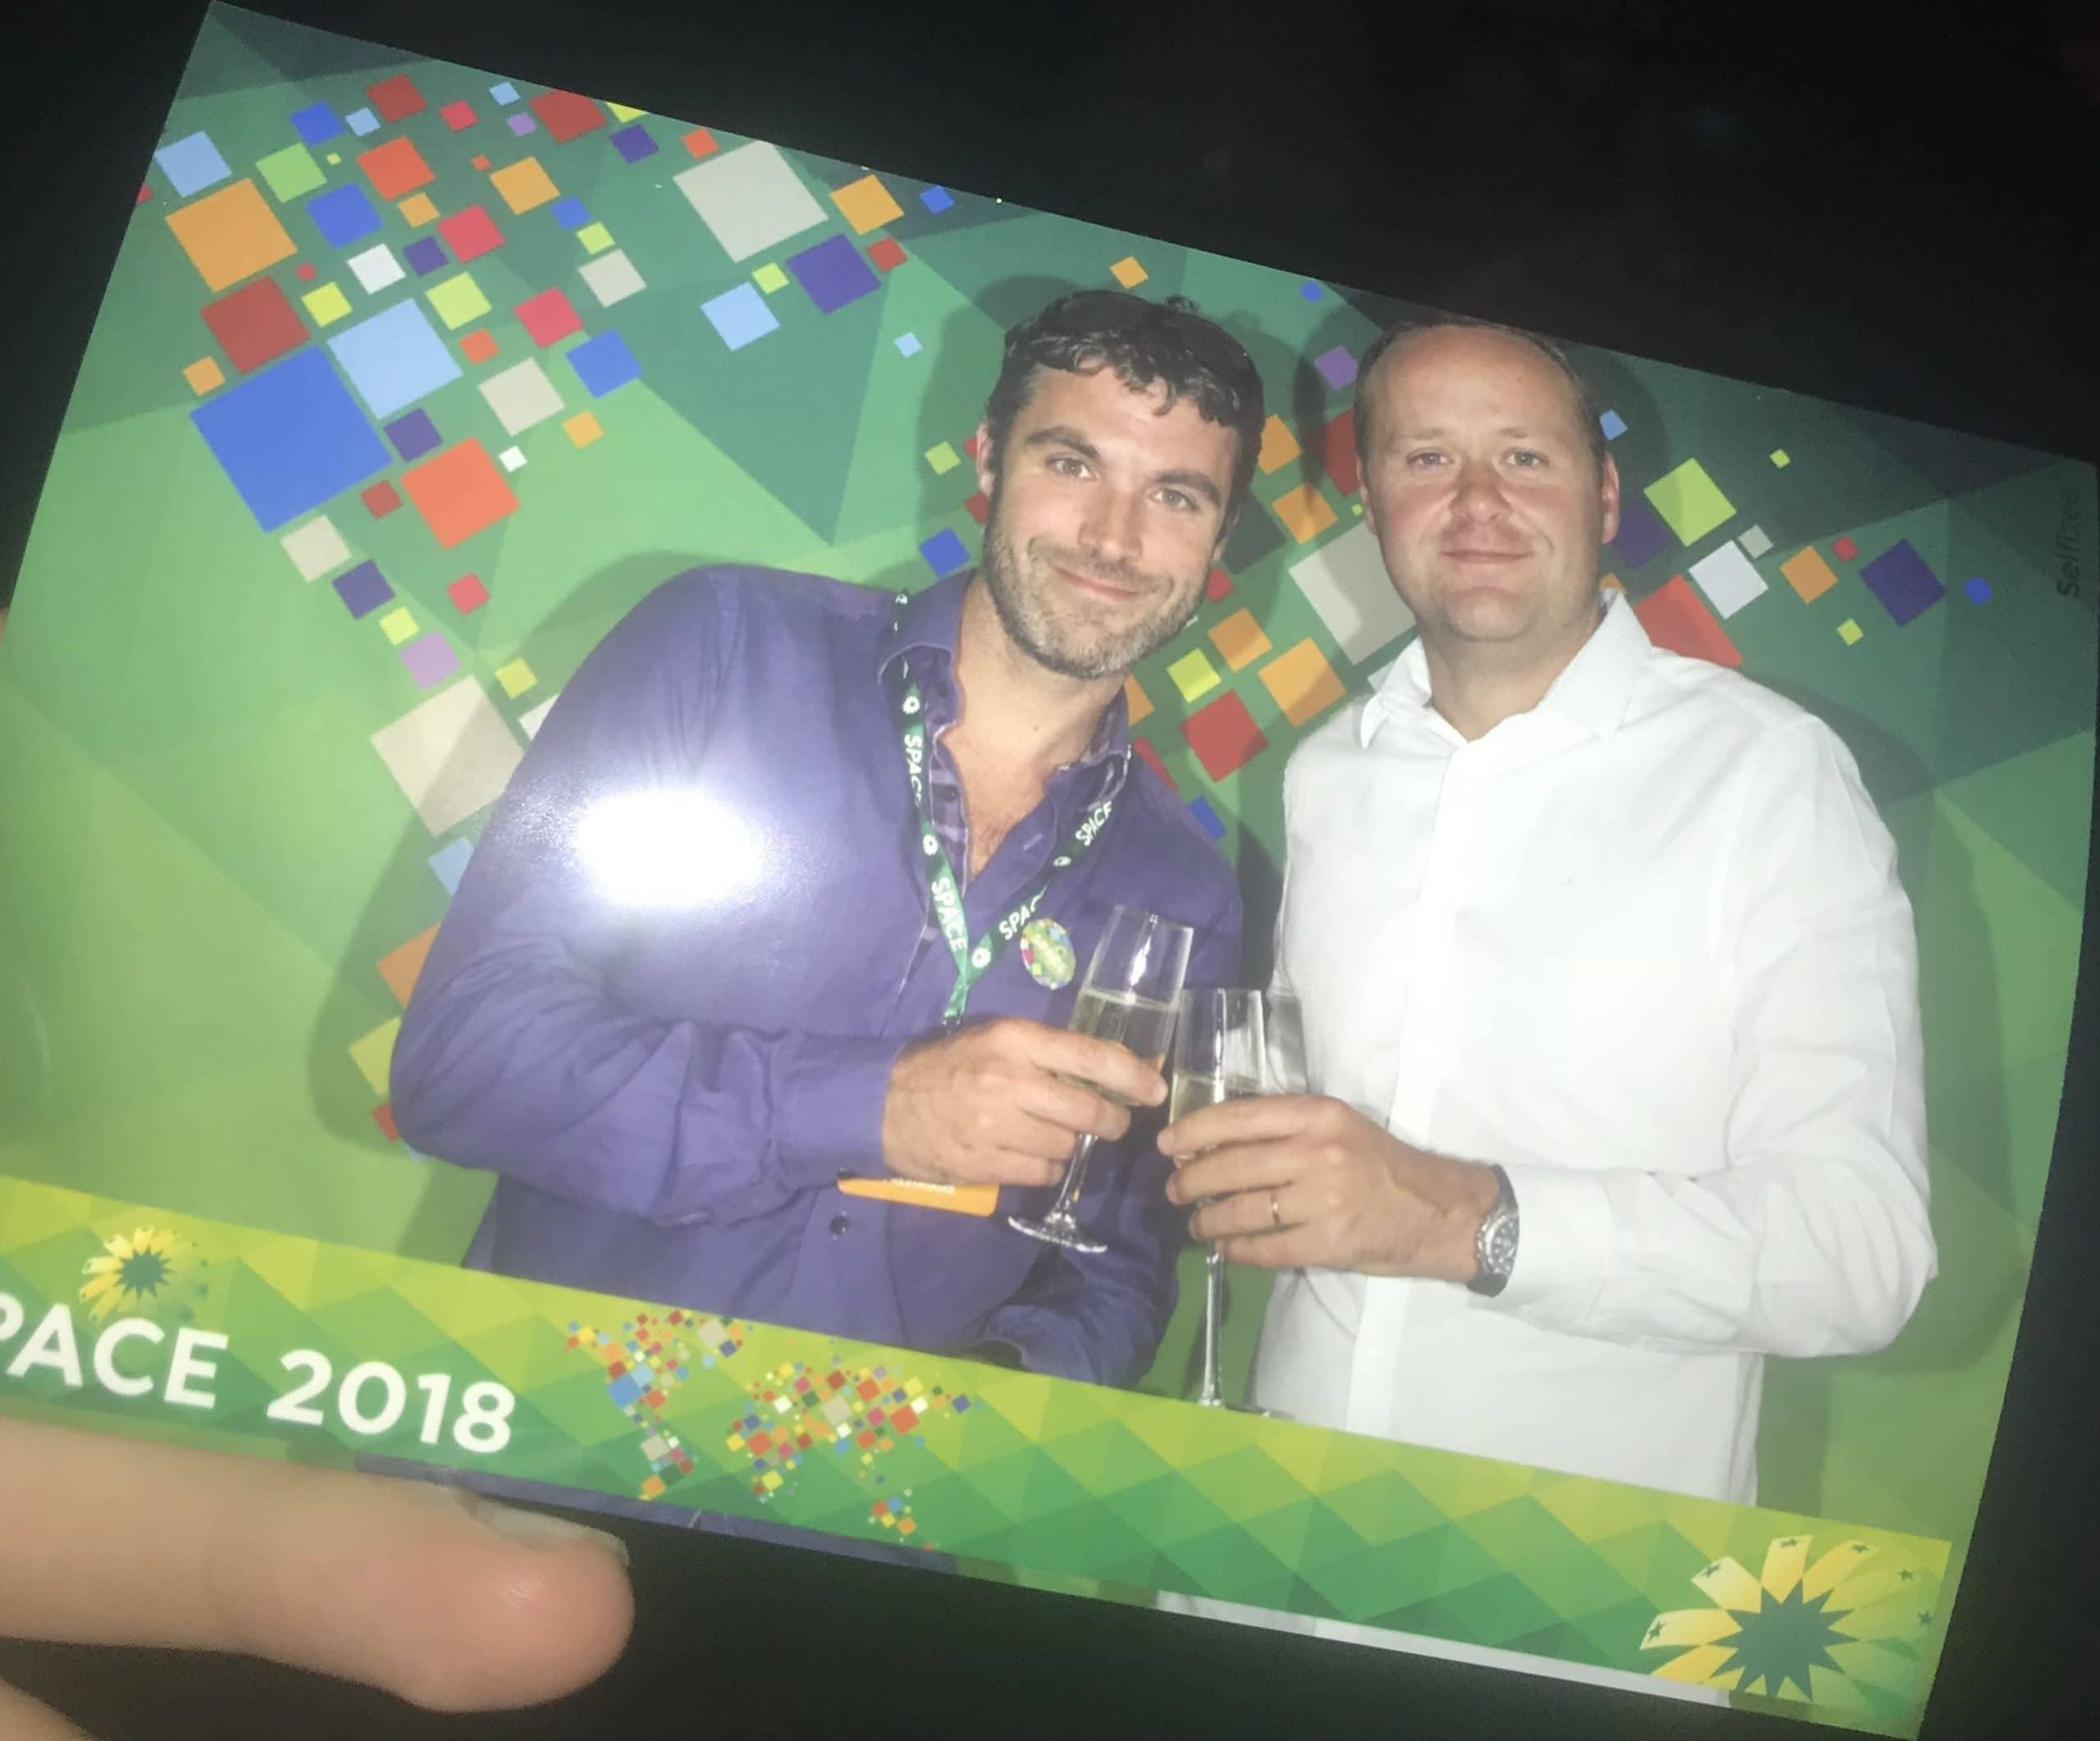 Photos personnalisées et imprimées instantanément au salon SPACE Rennes 2018 en Ille et Vilaine avec animation photobooth